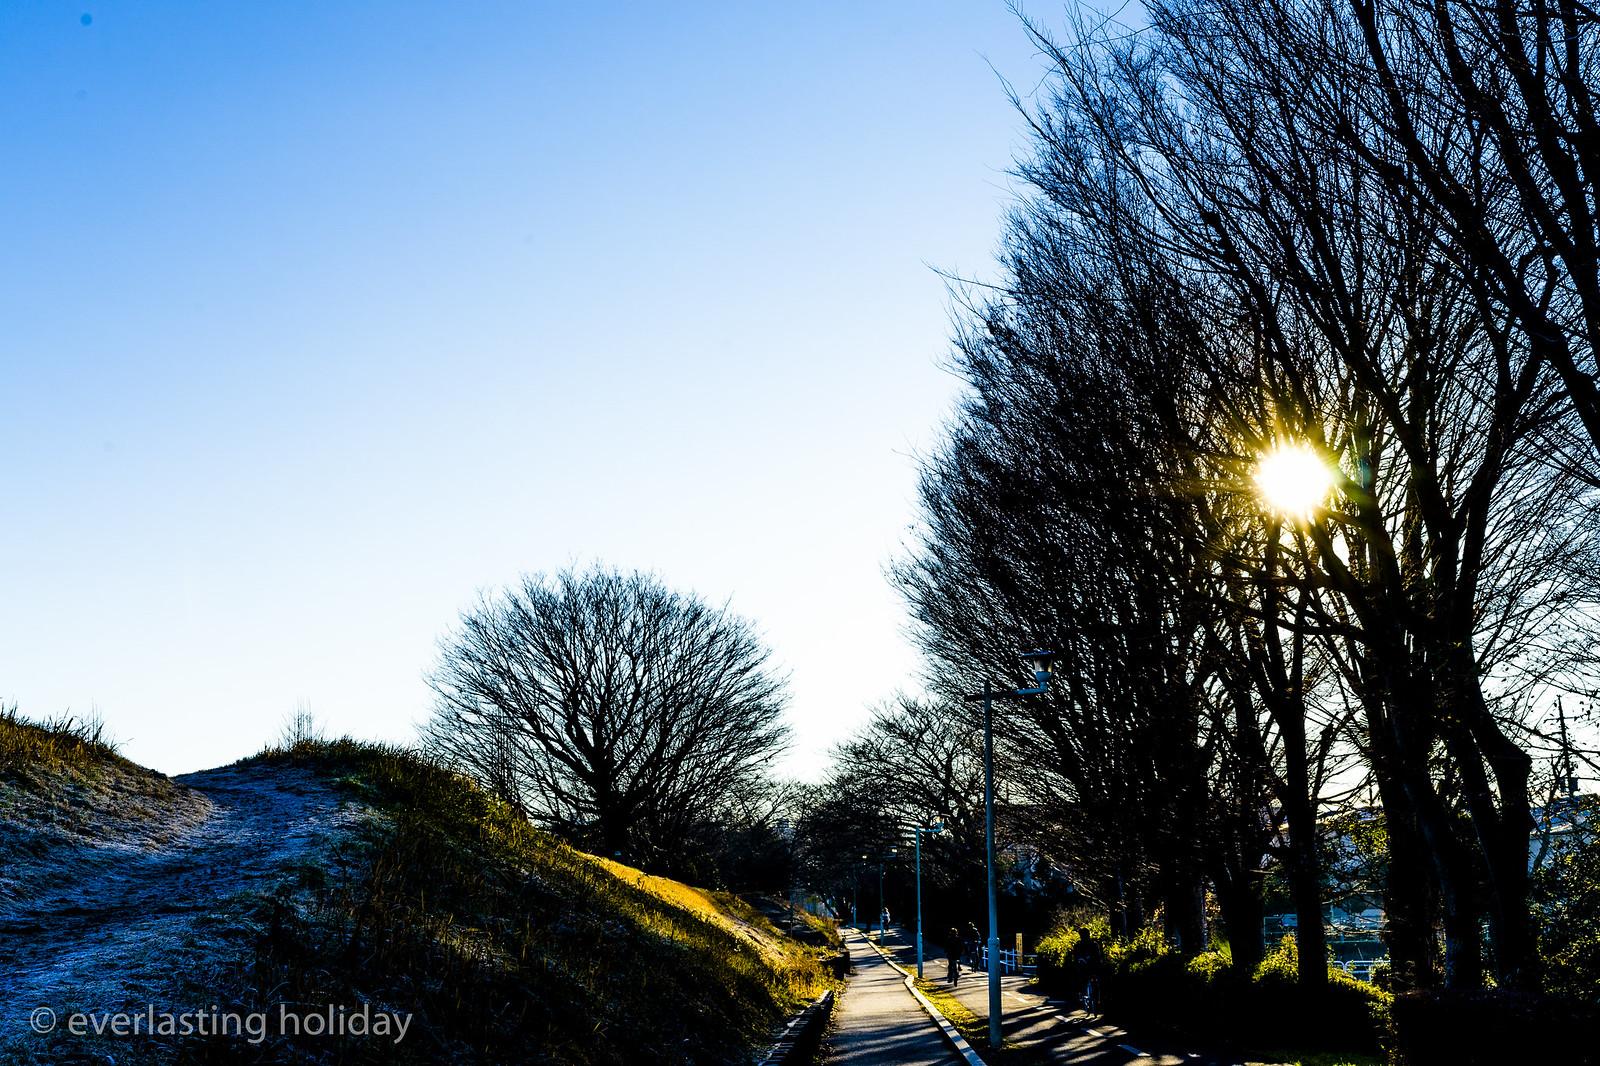 朝の自転車道(cycling road in the morning)